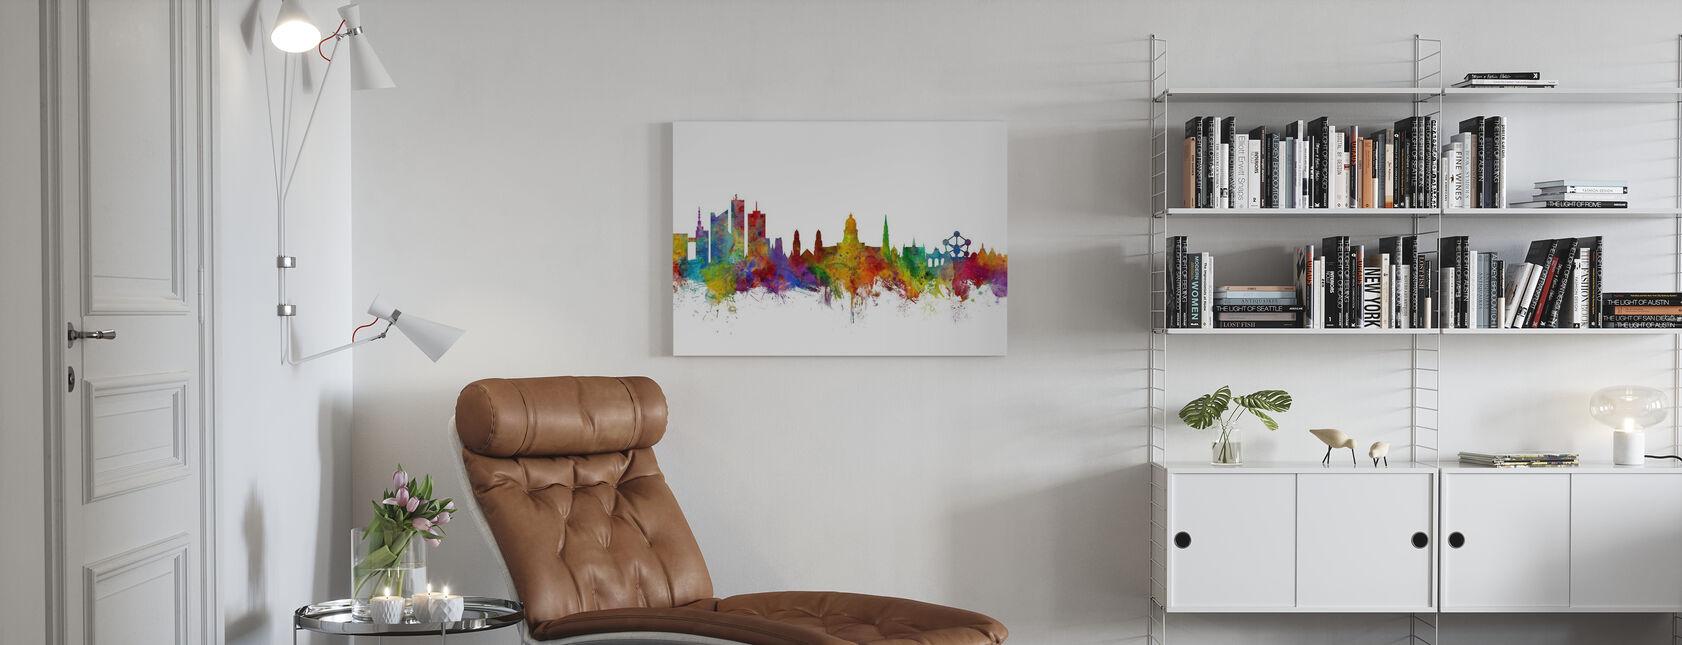 Skyline von Brüssel - Leinwandbild - Wohnzimmer